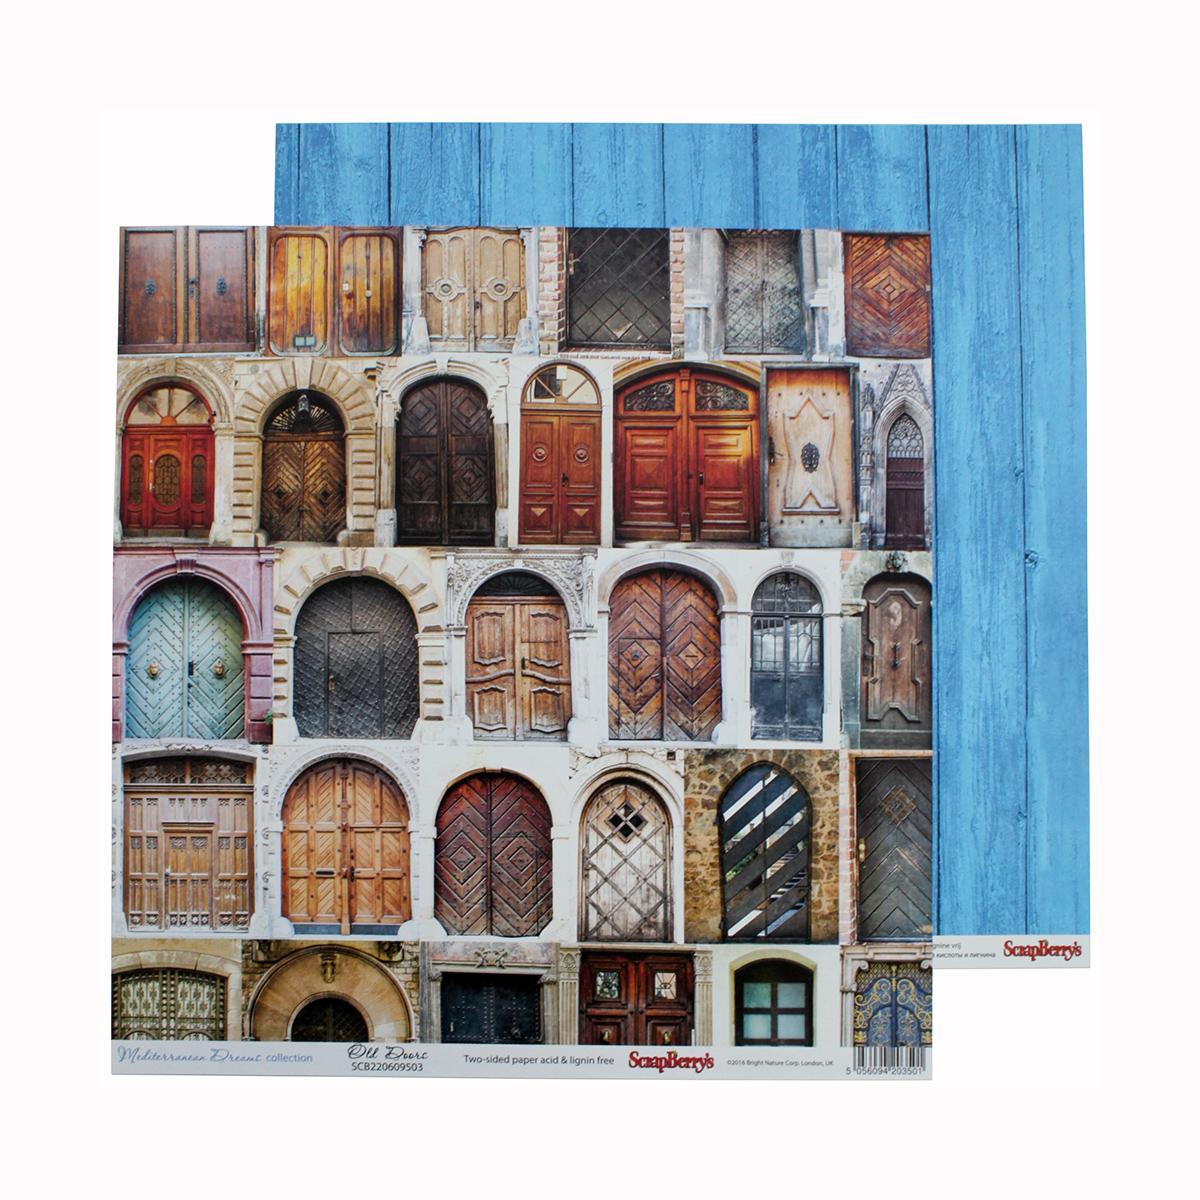 Бумага для скрапбукинга ScrapBerrys Средиземноморье. Старинные двери, двухсторонняя, 30,5 х 30,5 см, 10 листов. 583333583333